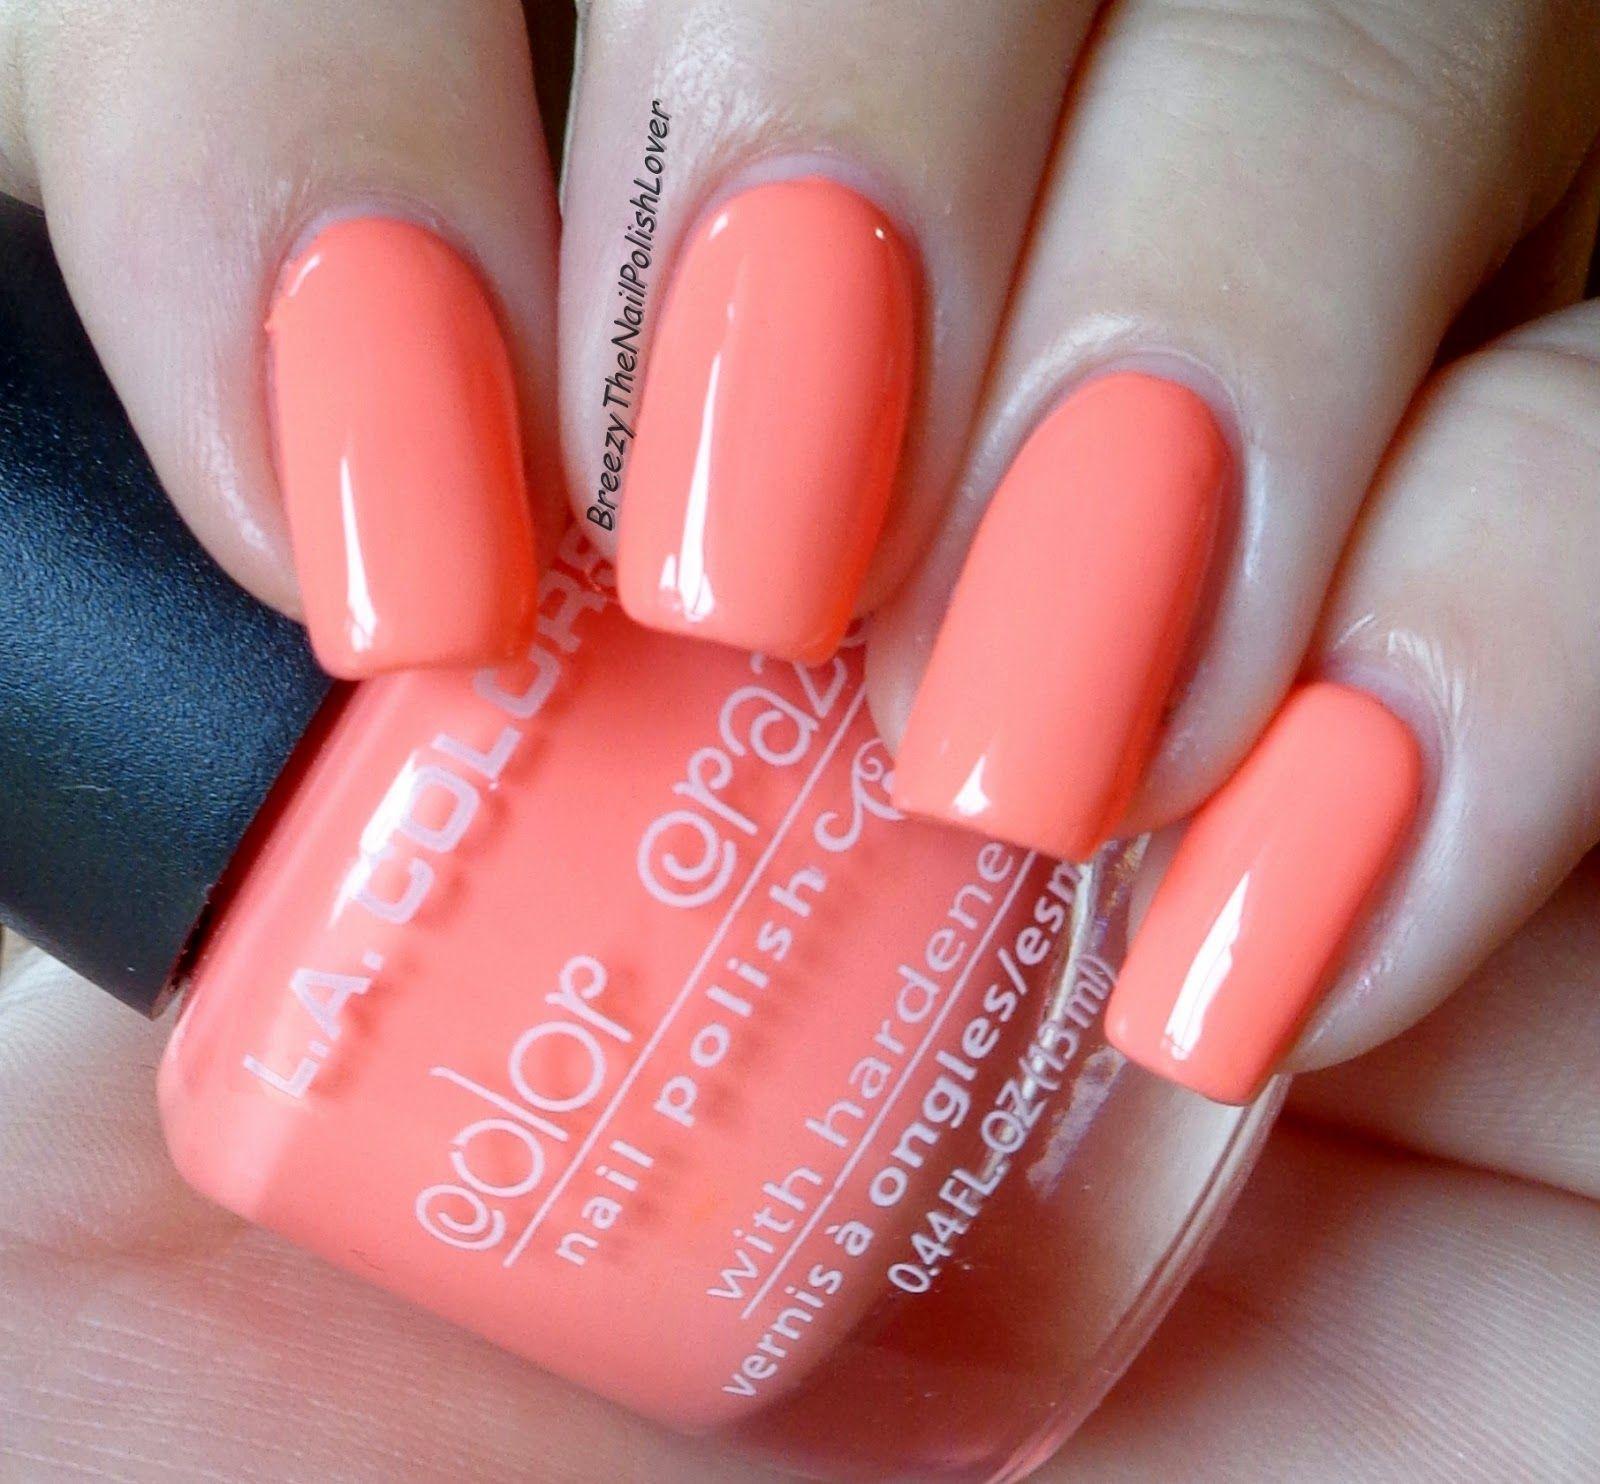 L A Colors Nail Polish 206 Nectarine Breezythenailpolishlover New L A Color Nail Polish Review And Nail Polish La Colors Nail Polish Nail Colors